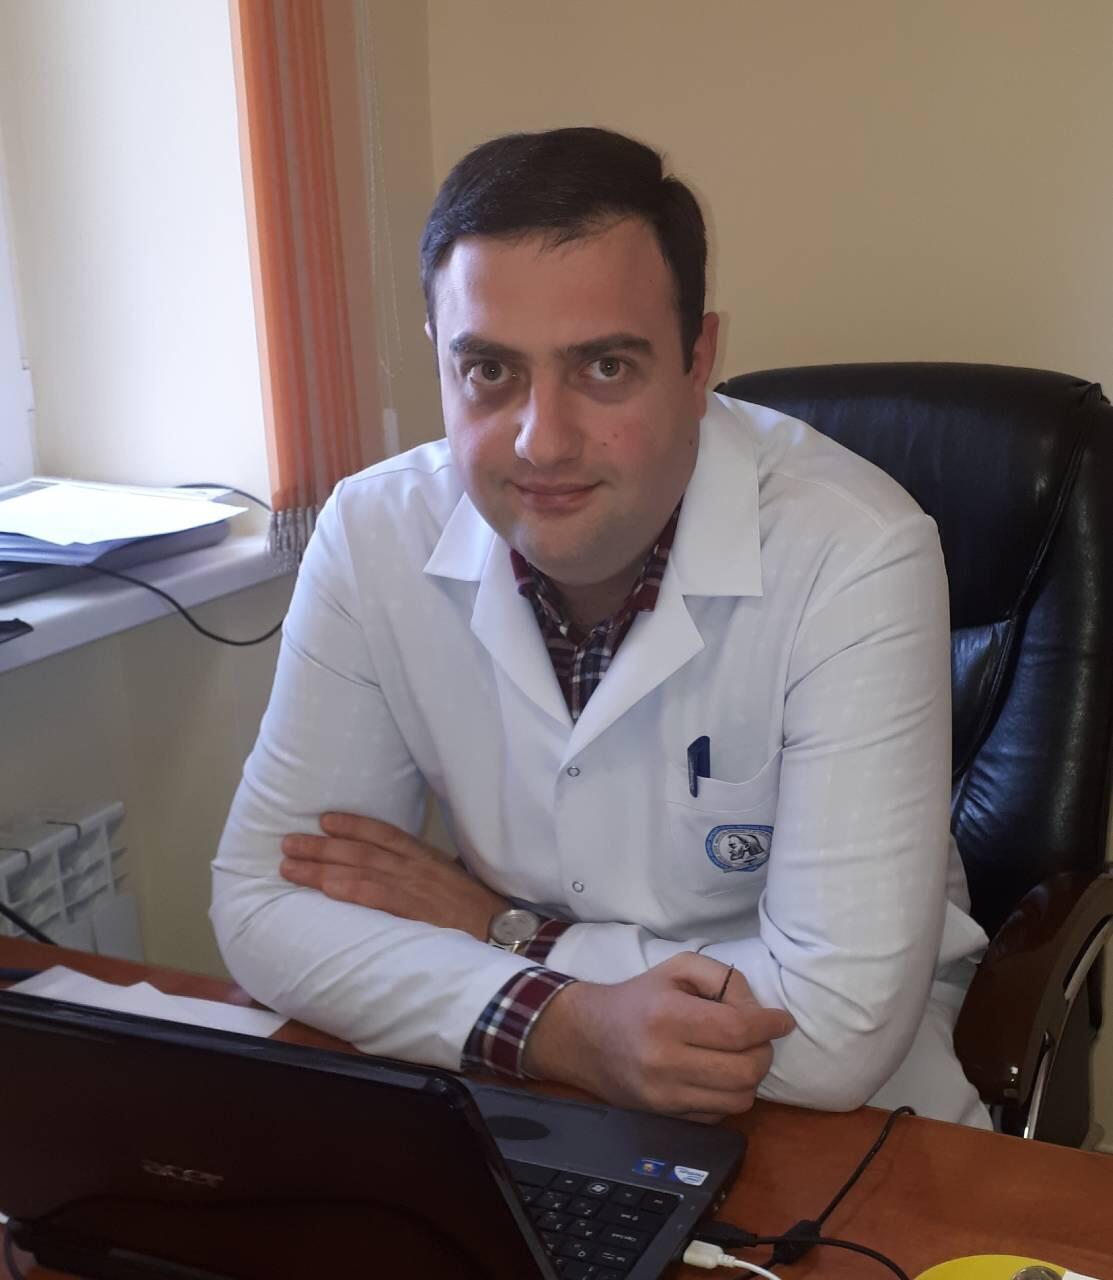 Մխիթարյան Գուրգեն Կոնստանտինի